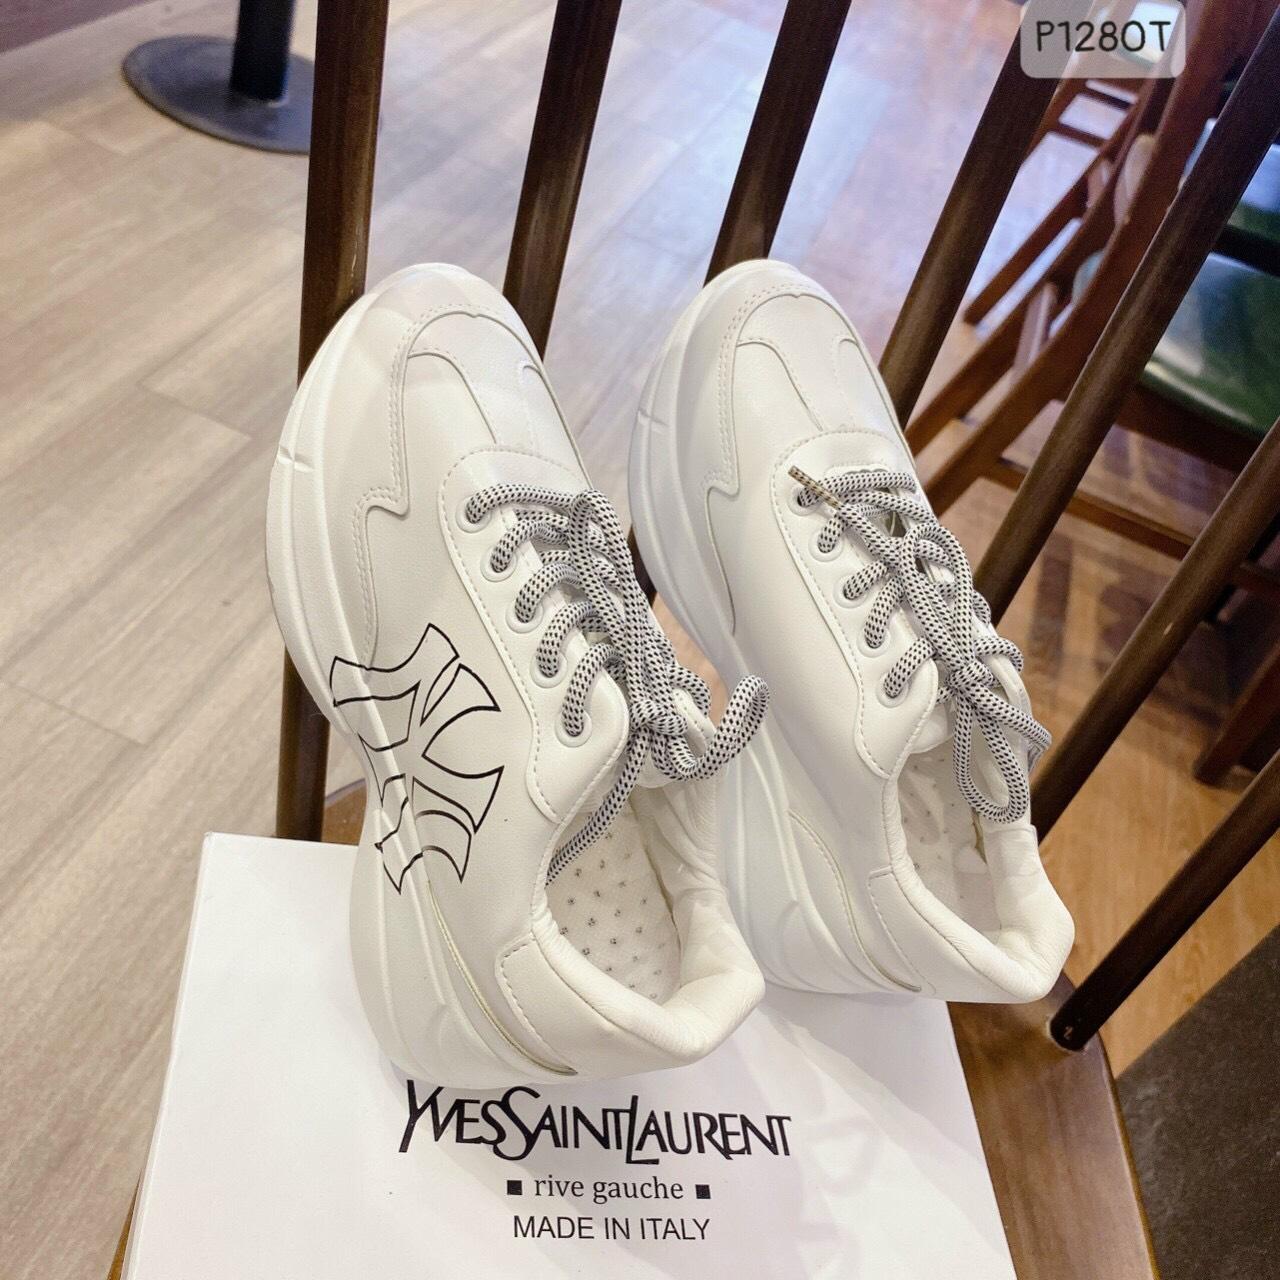 Giày bata Ny, thiết kế tinh tế, trẻ trung, đường may tỉ mỉ, chi tiết, chắc chắn, cam kết sản phẩm như mô tả